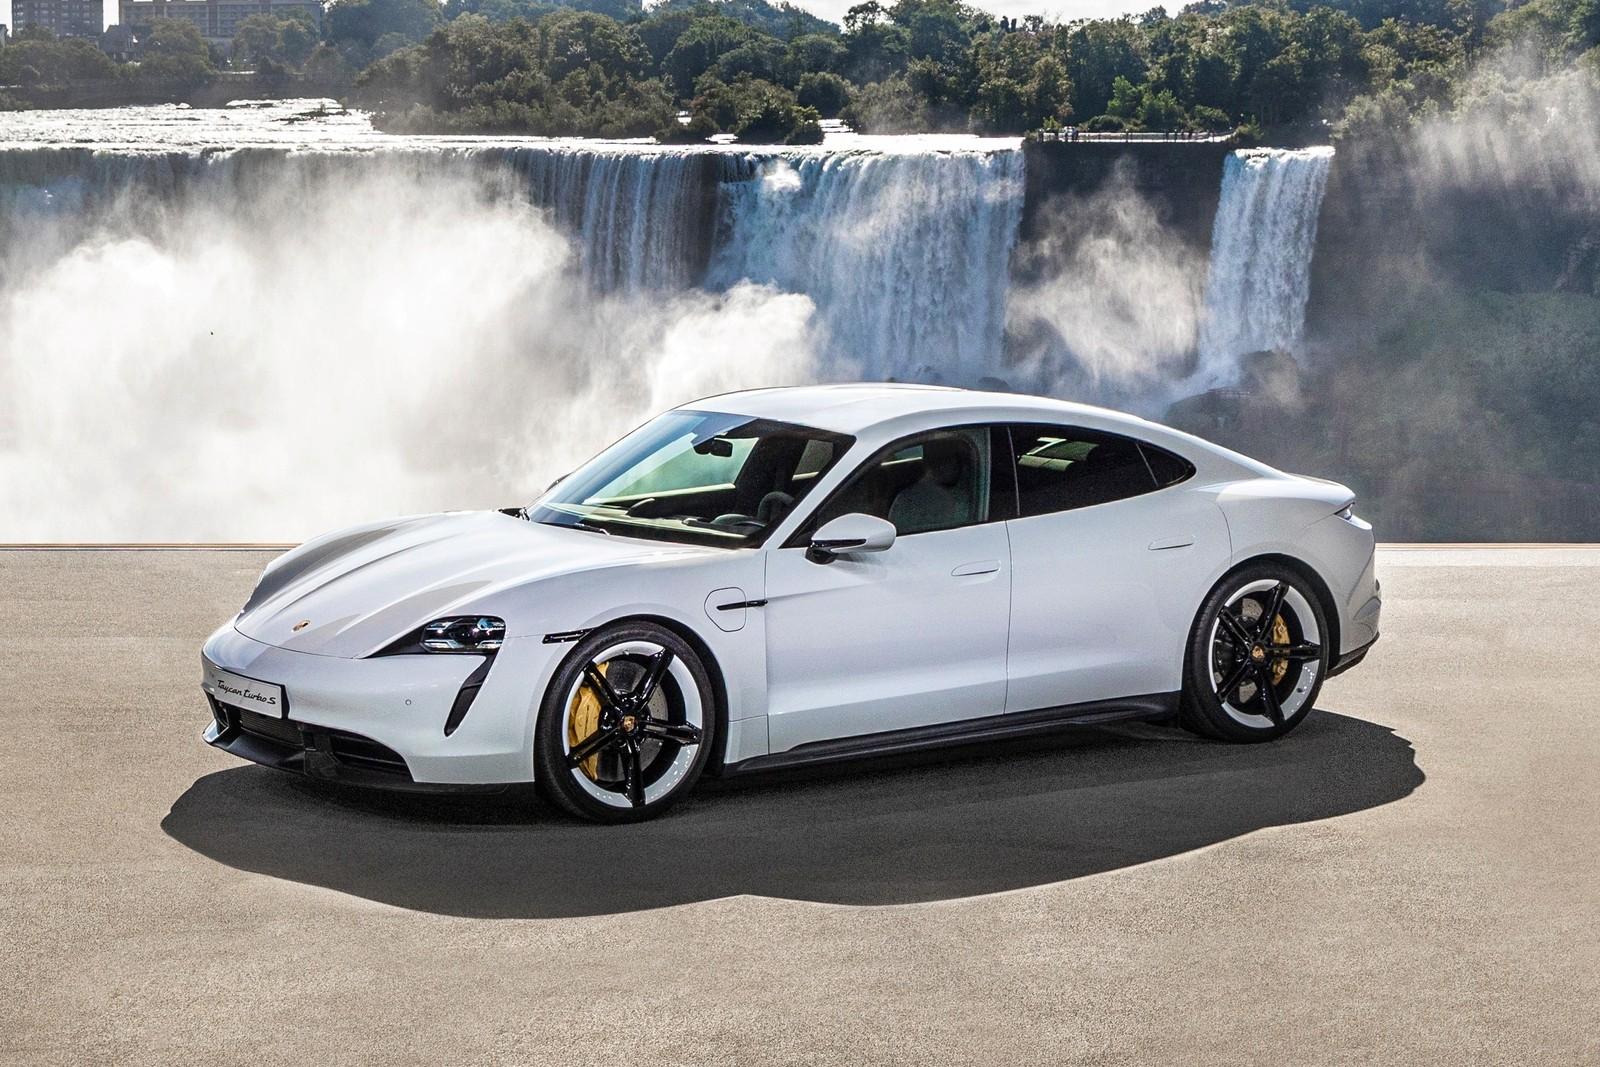 Porsche Taycan только 450 км на одной зарядке и гораздо дороже Теслы